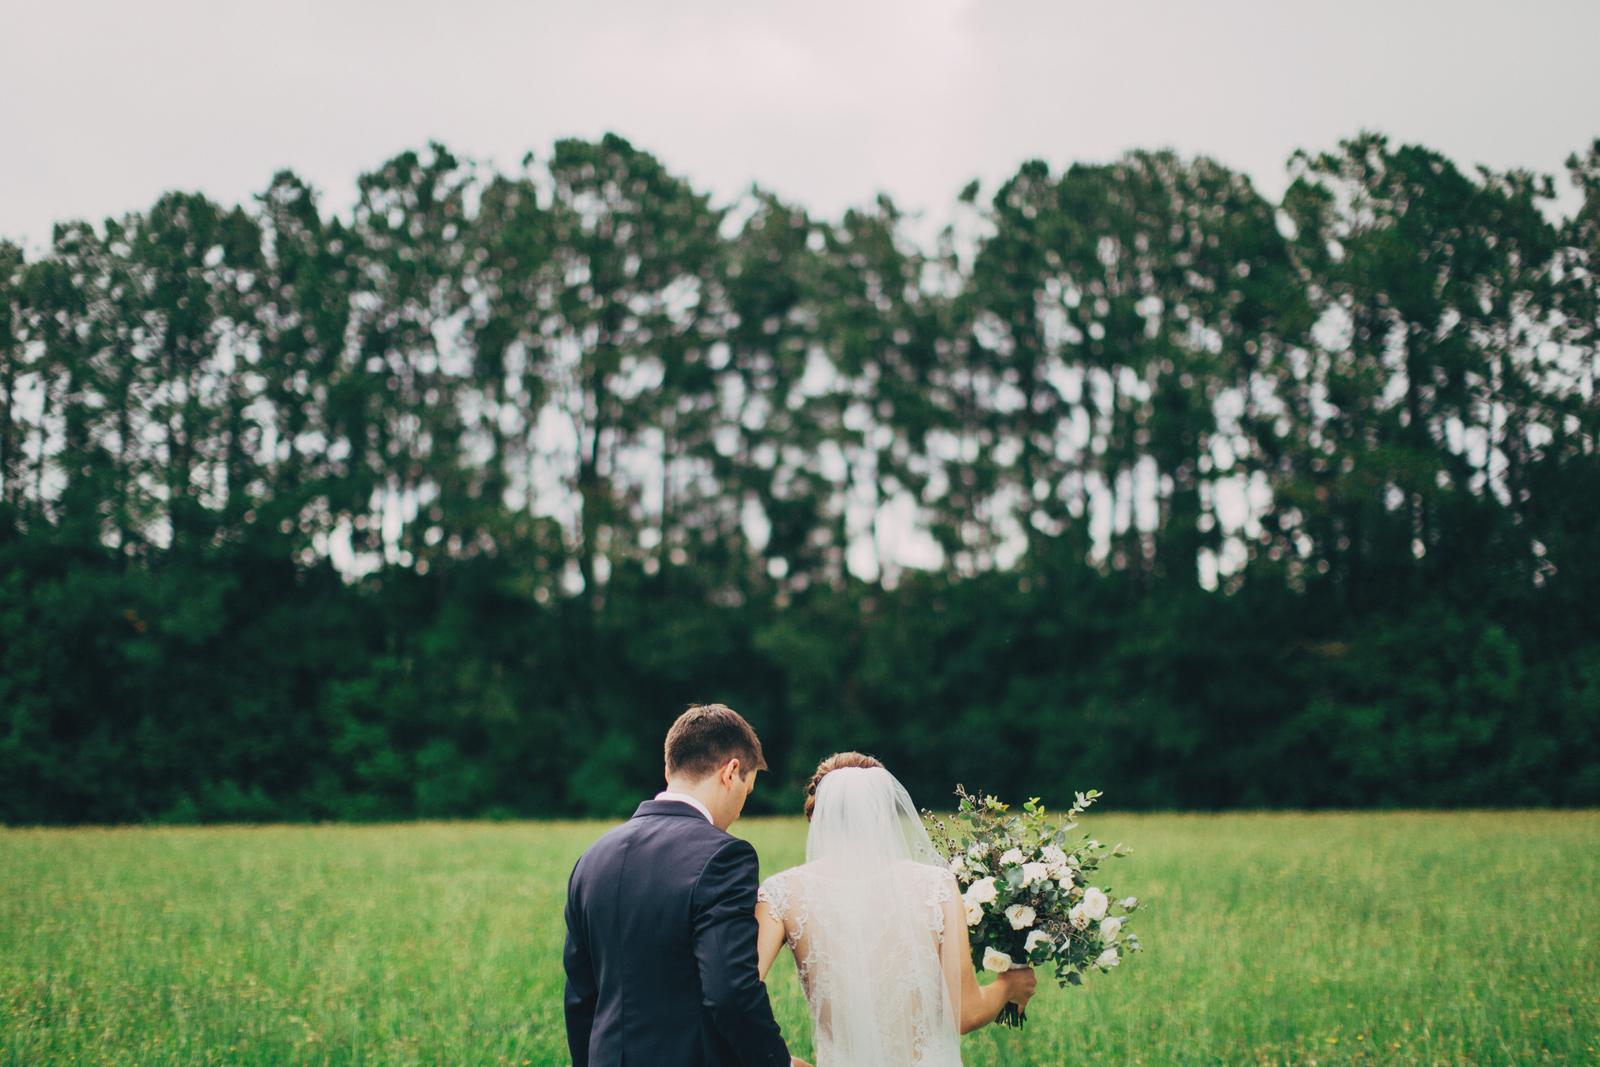 Hilary-&-Darren-Married---0456